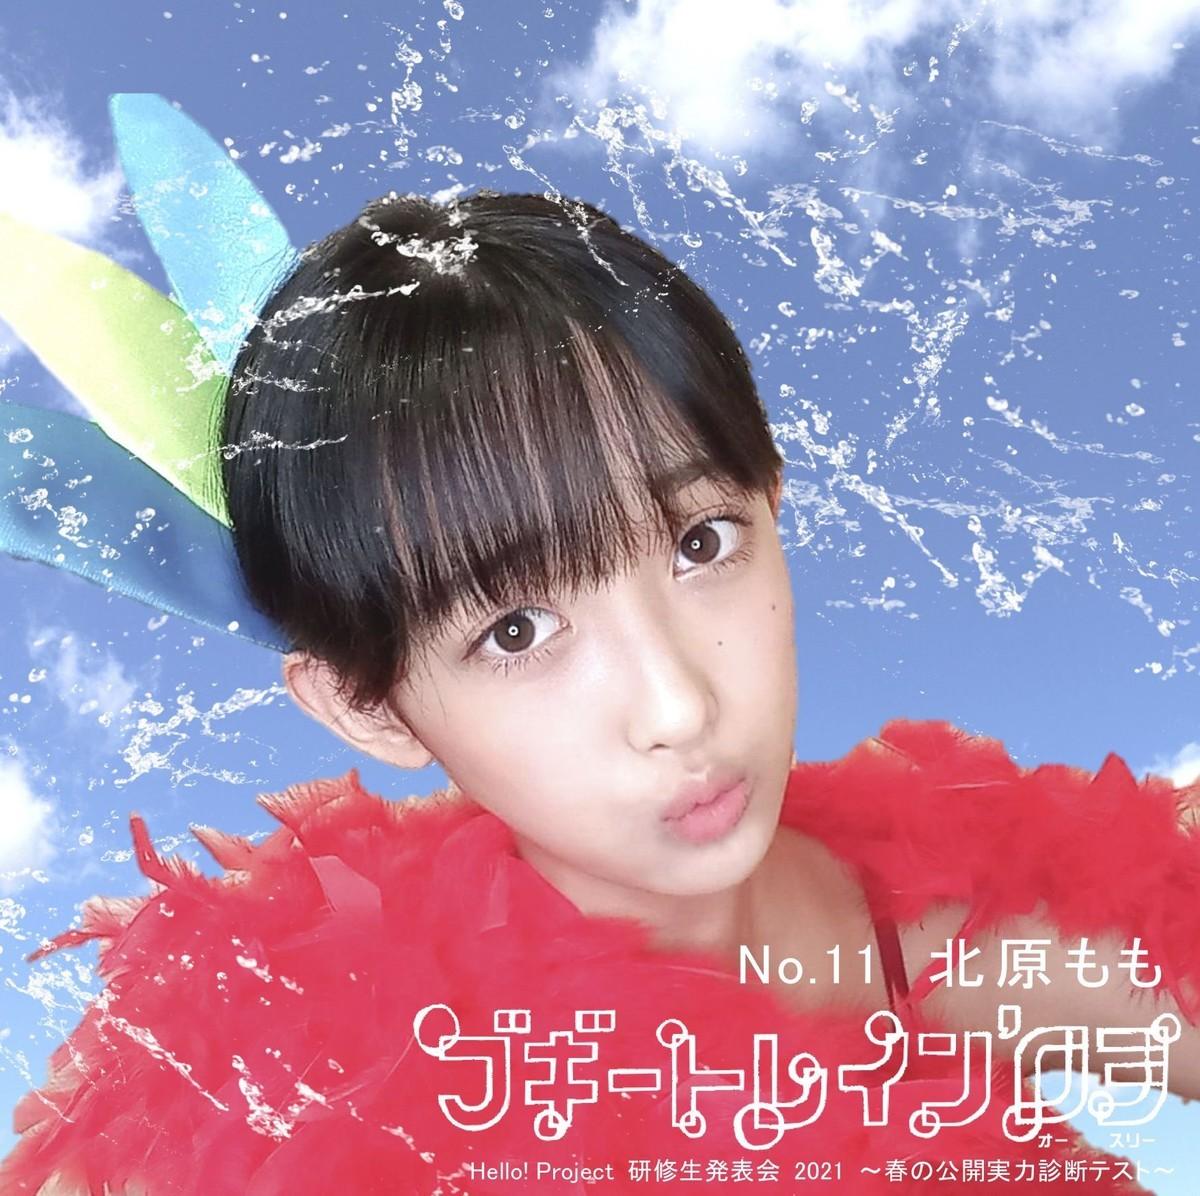 f:id:me-me-koyagi:20210717235731j:plain